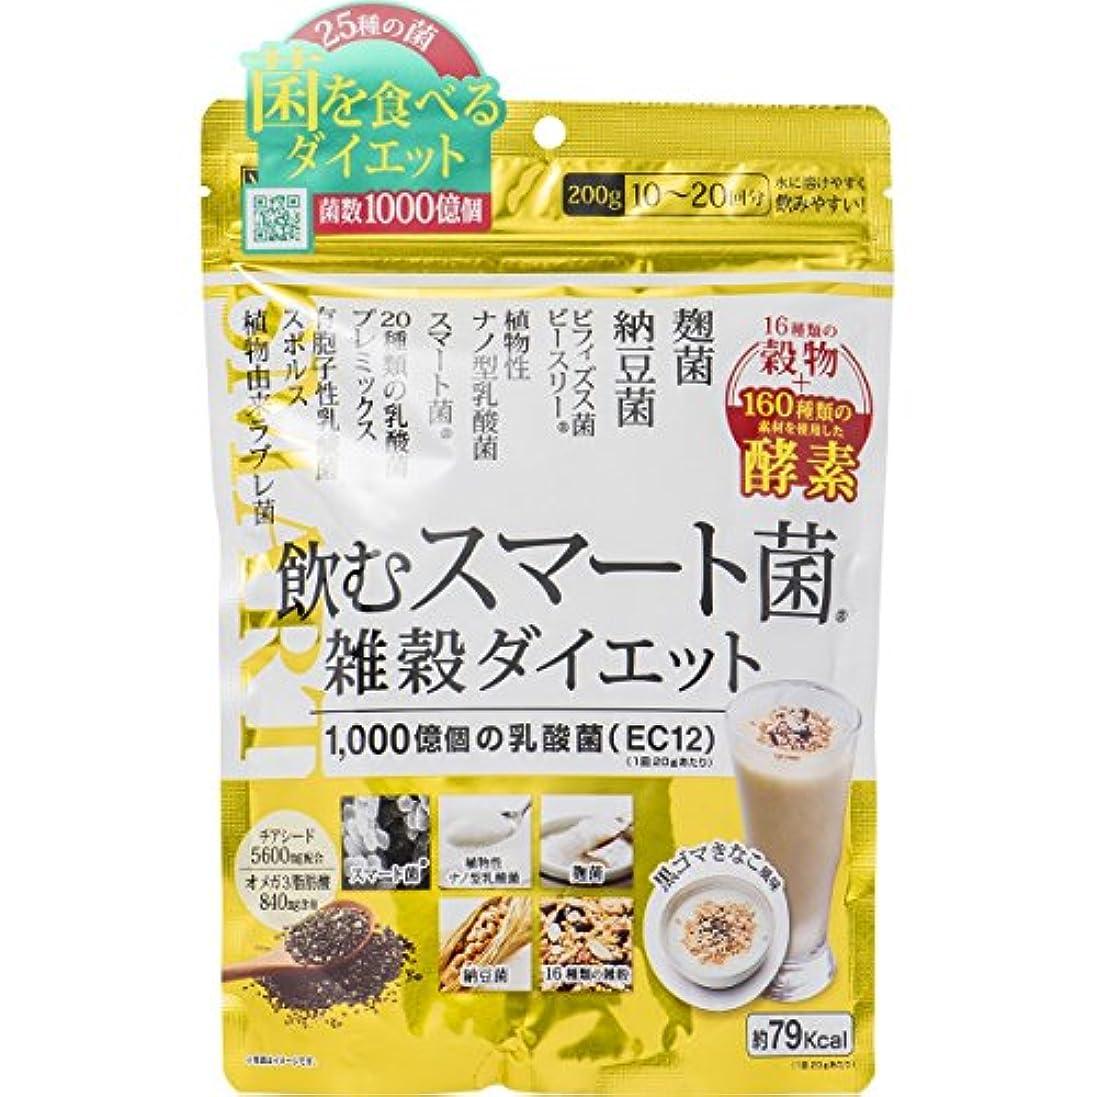 乱れまさにシャッター【お徳用3個セット】飲むスマート菌 雑穀ダイエット 200g ×3個セット